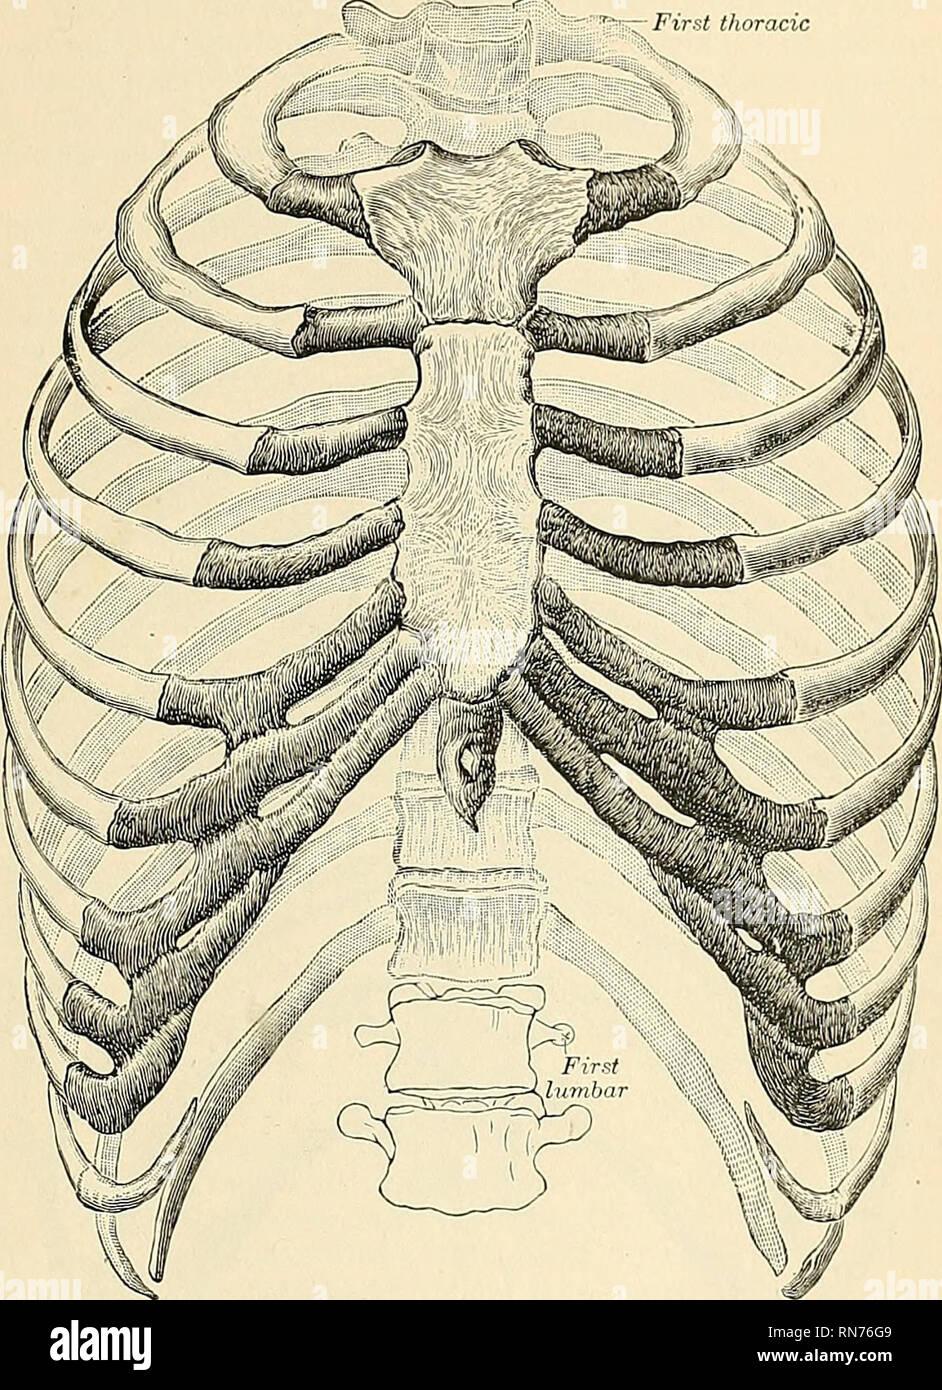 apertura thoracis superior